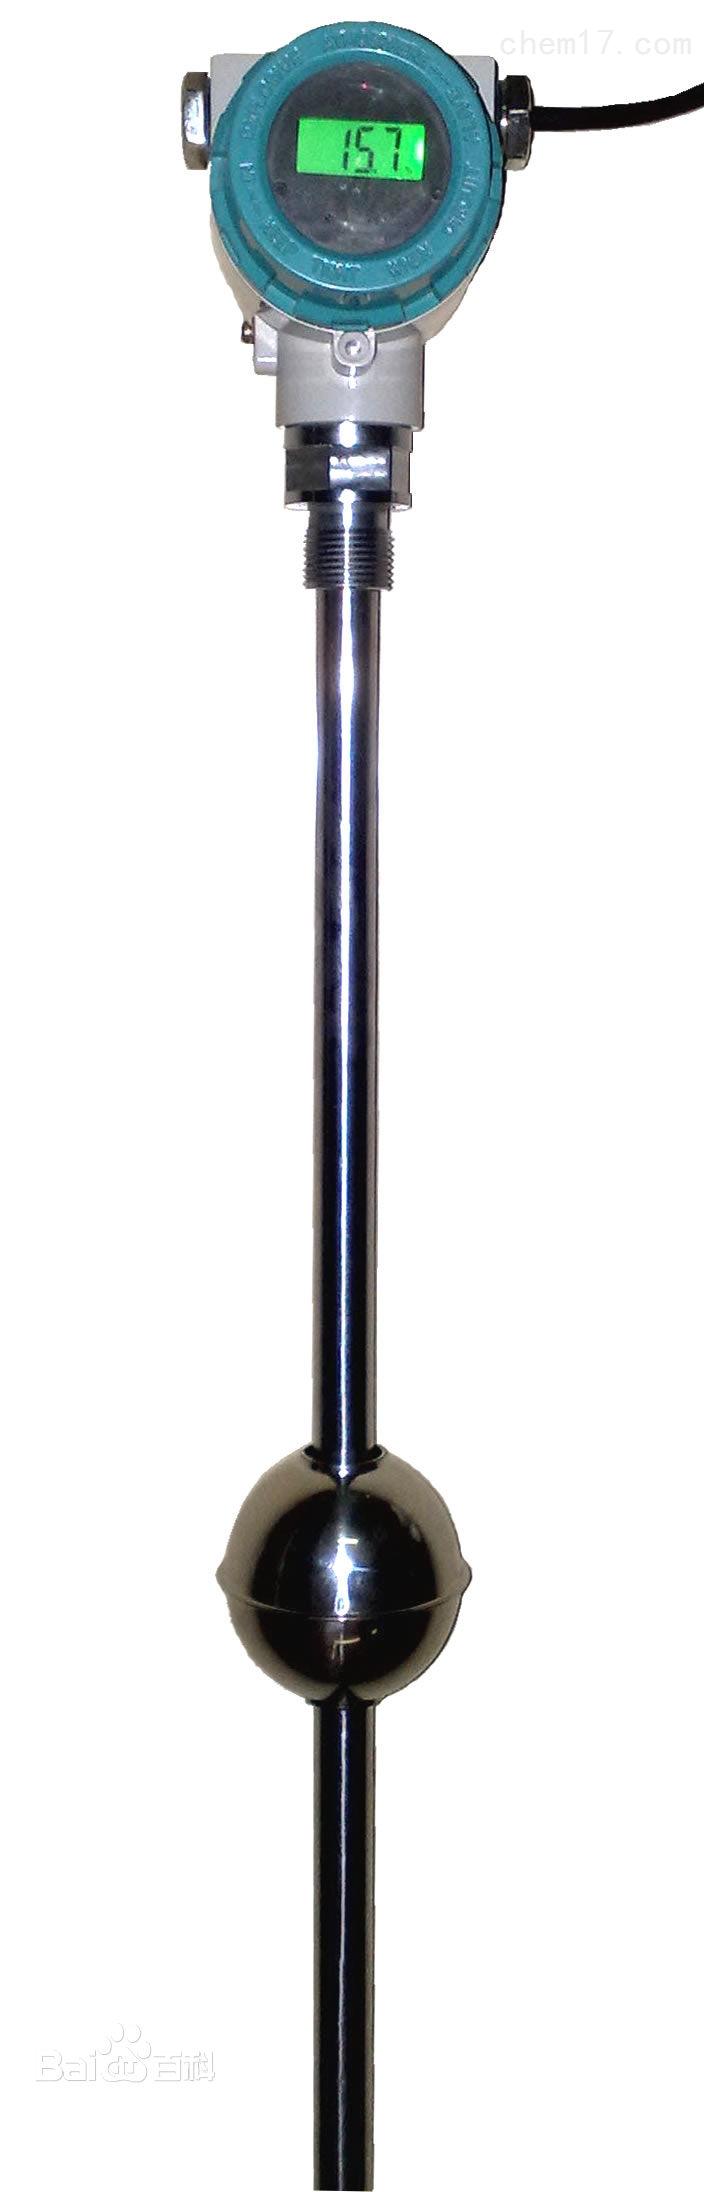 高精度磁致伸缩液位计